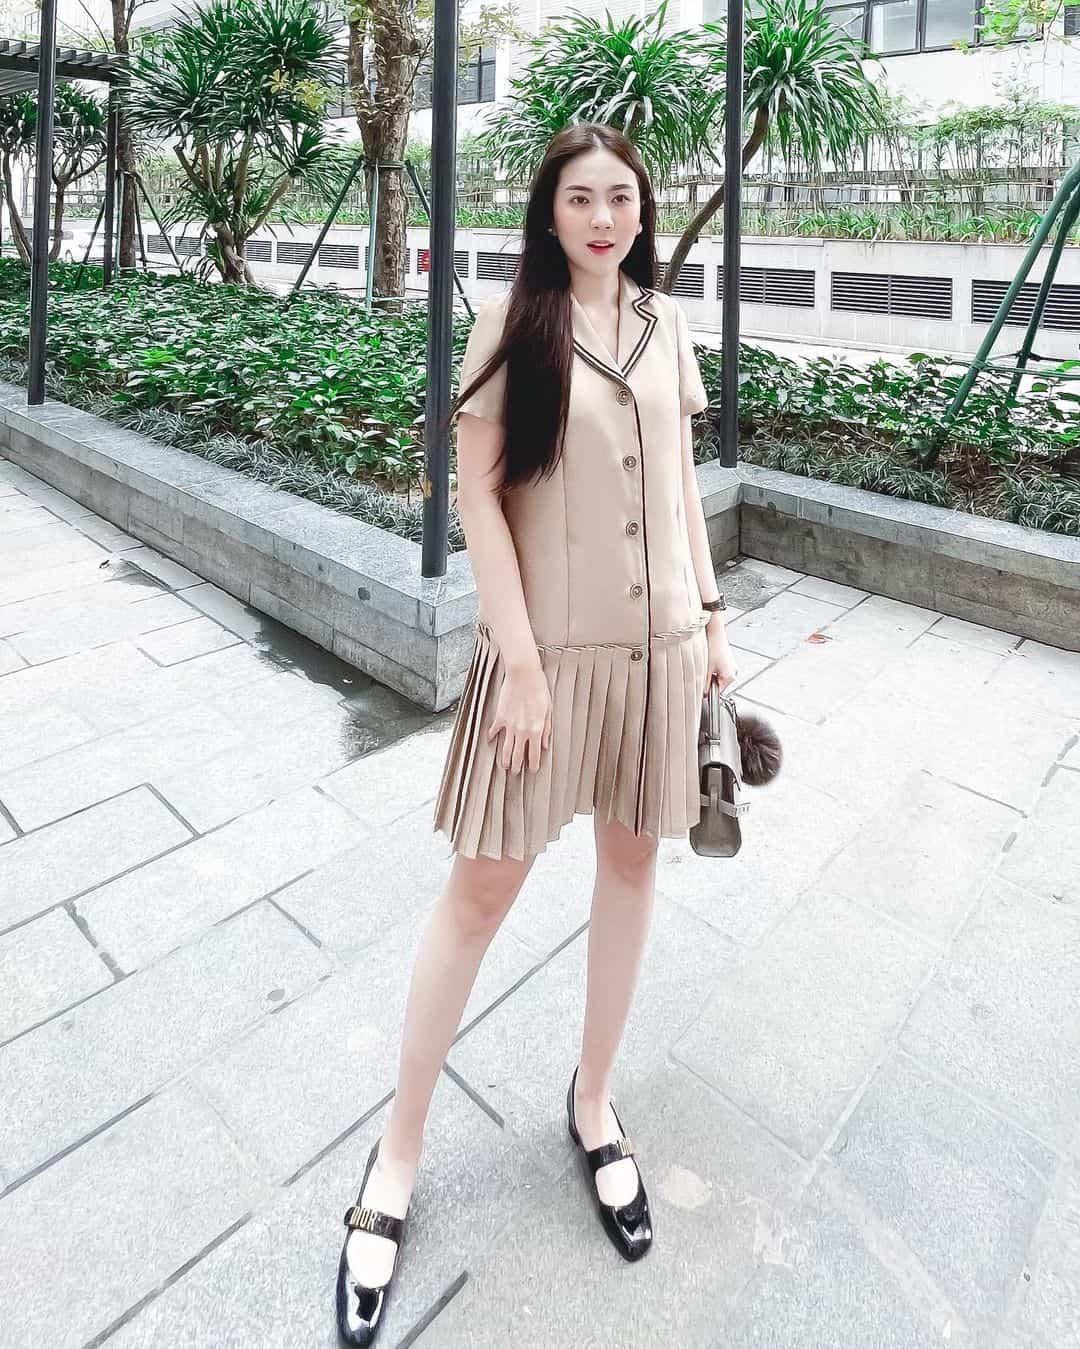 Đều U35, mỹ nhân Việt vẫn xúng xính váy áo nữ sinh: Elly Trần gợi cảm, Midu trẻ đáng gờm - 10